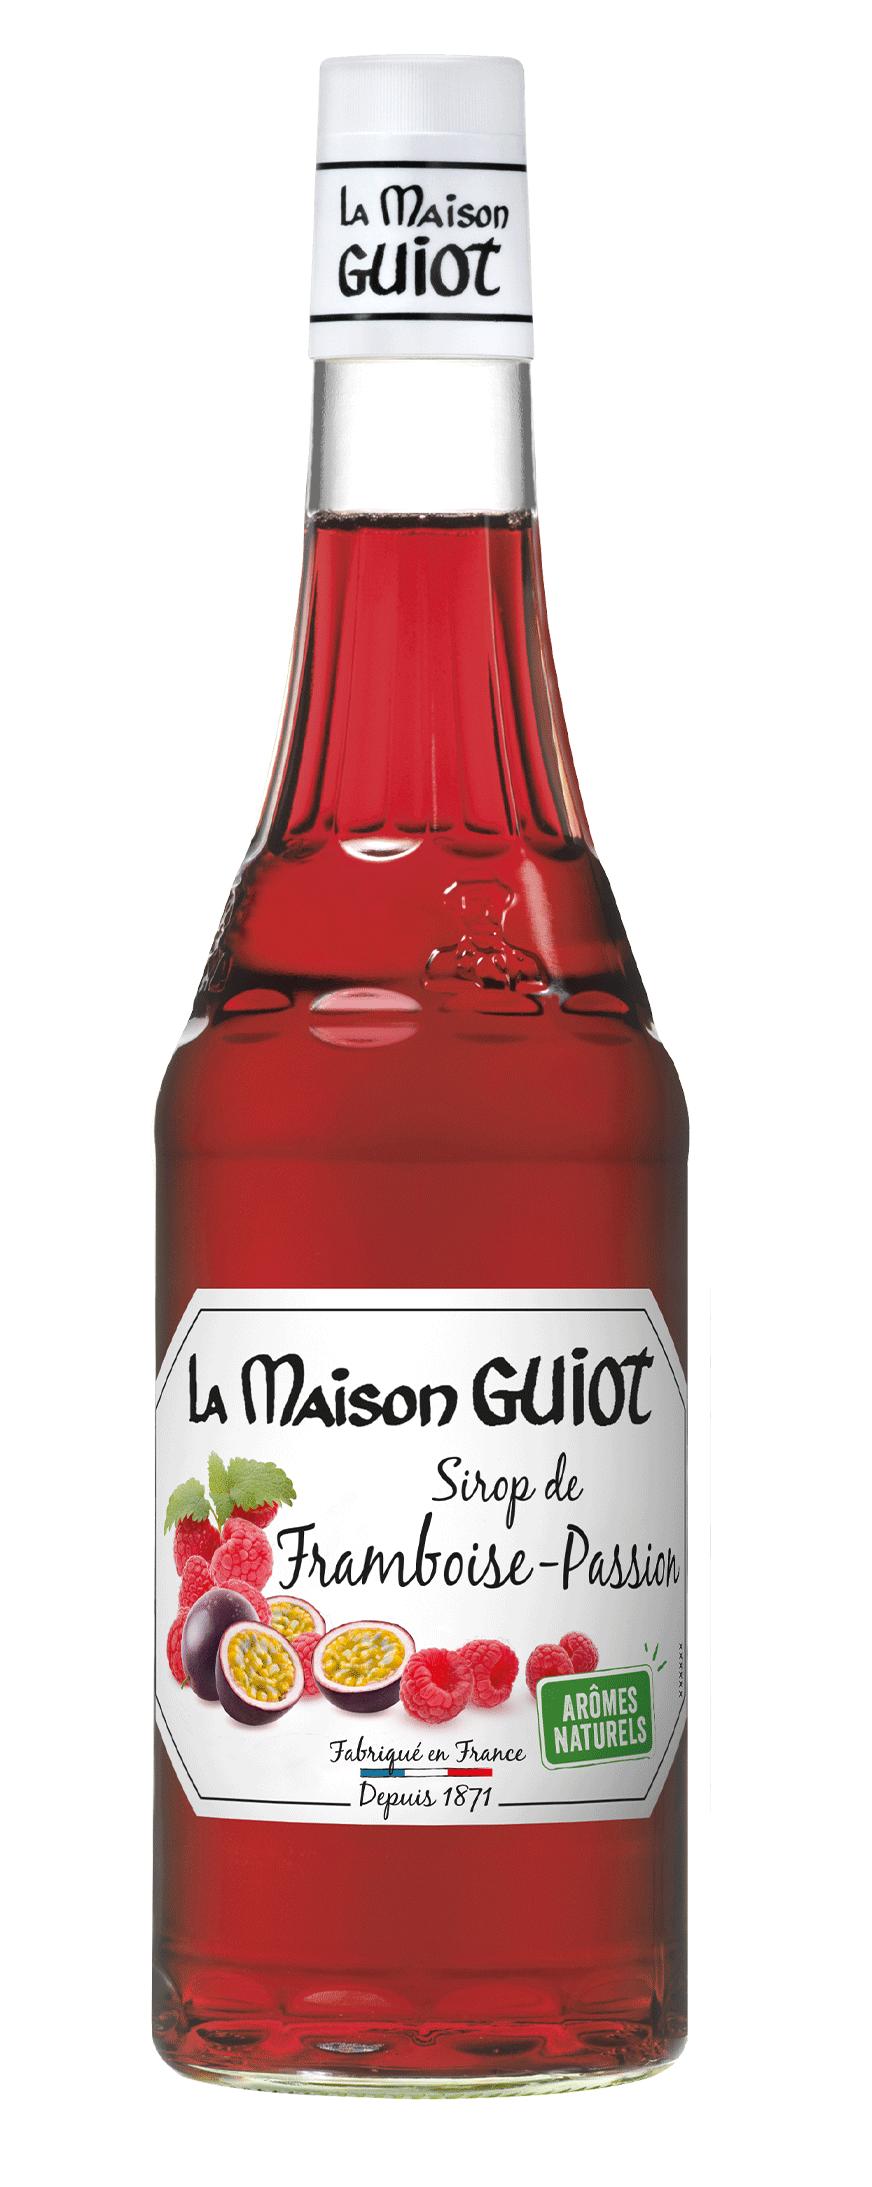 framboise passion - La Maison Guiot lance son 1er sirop fruit rouge fruit jaune